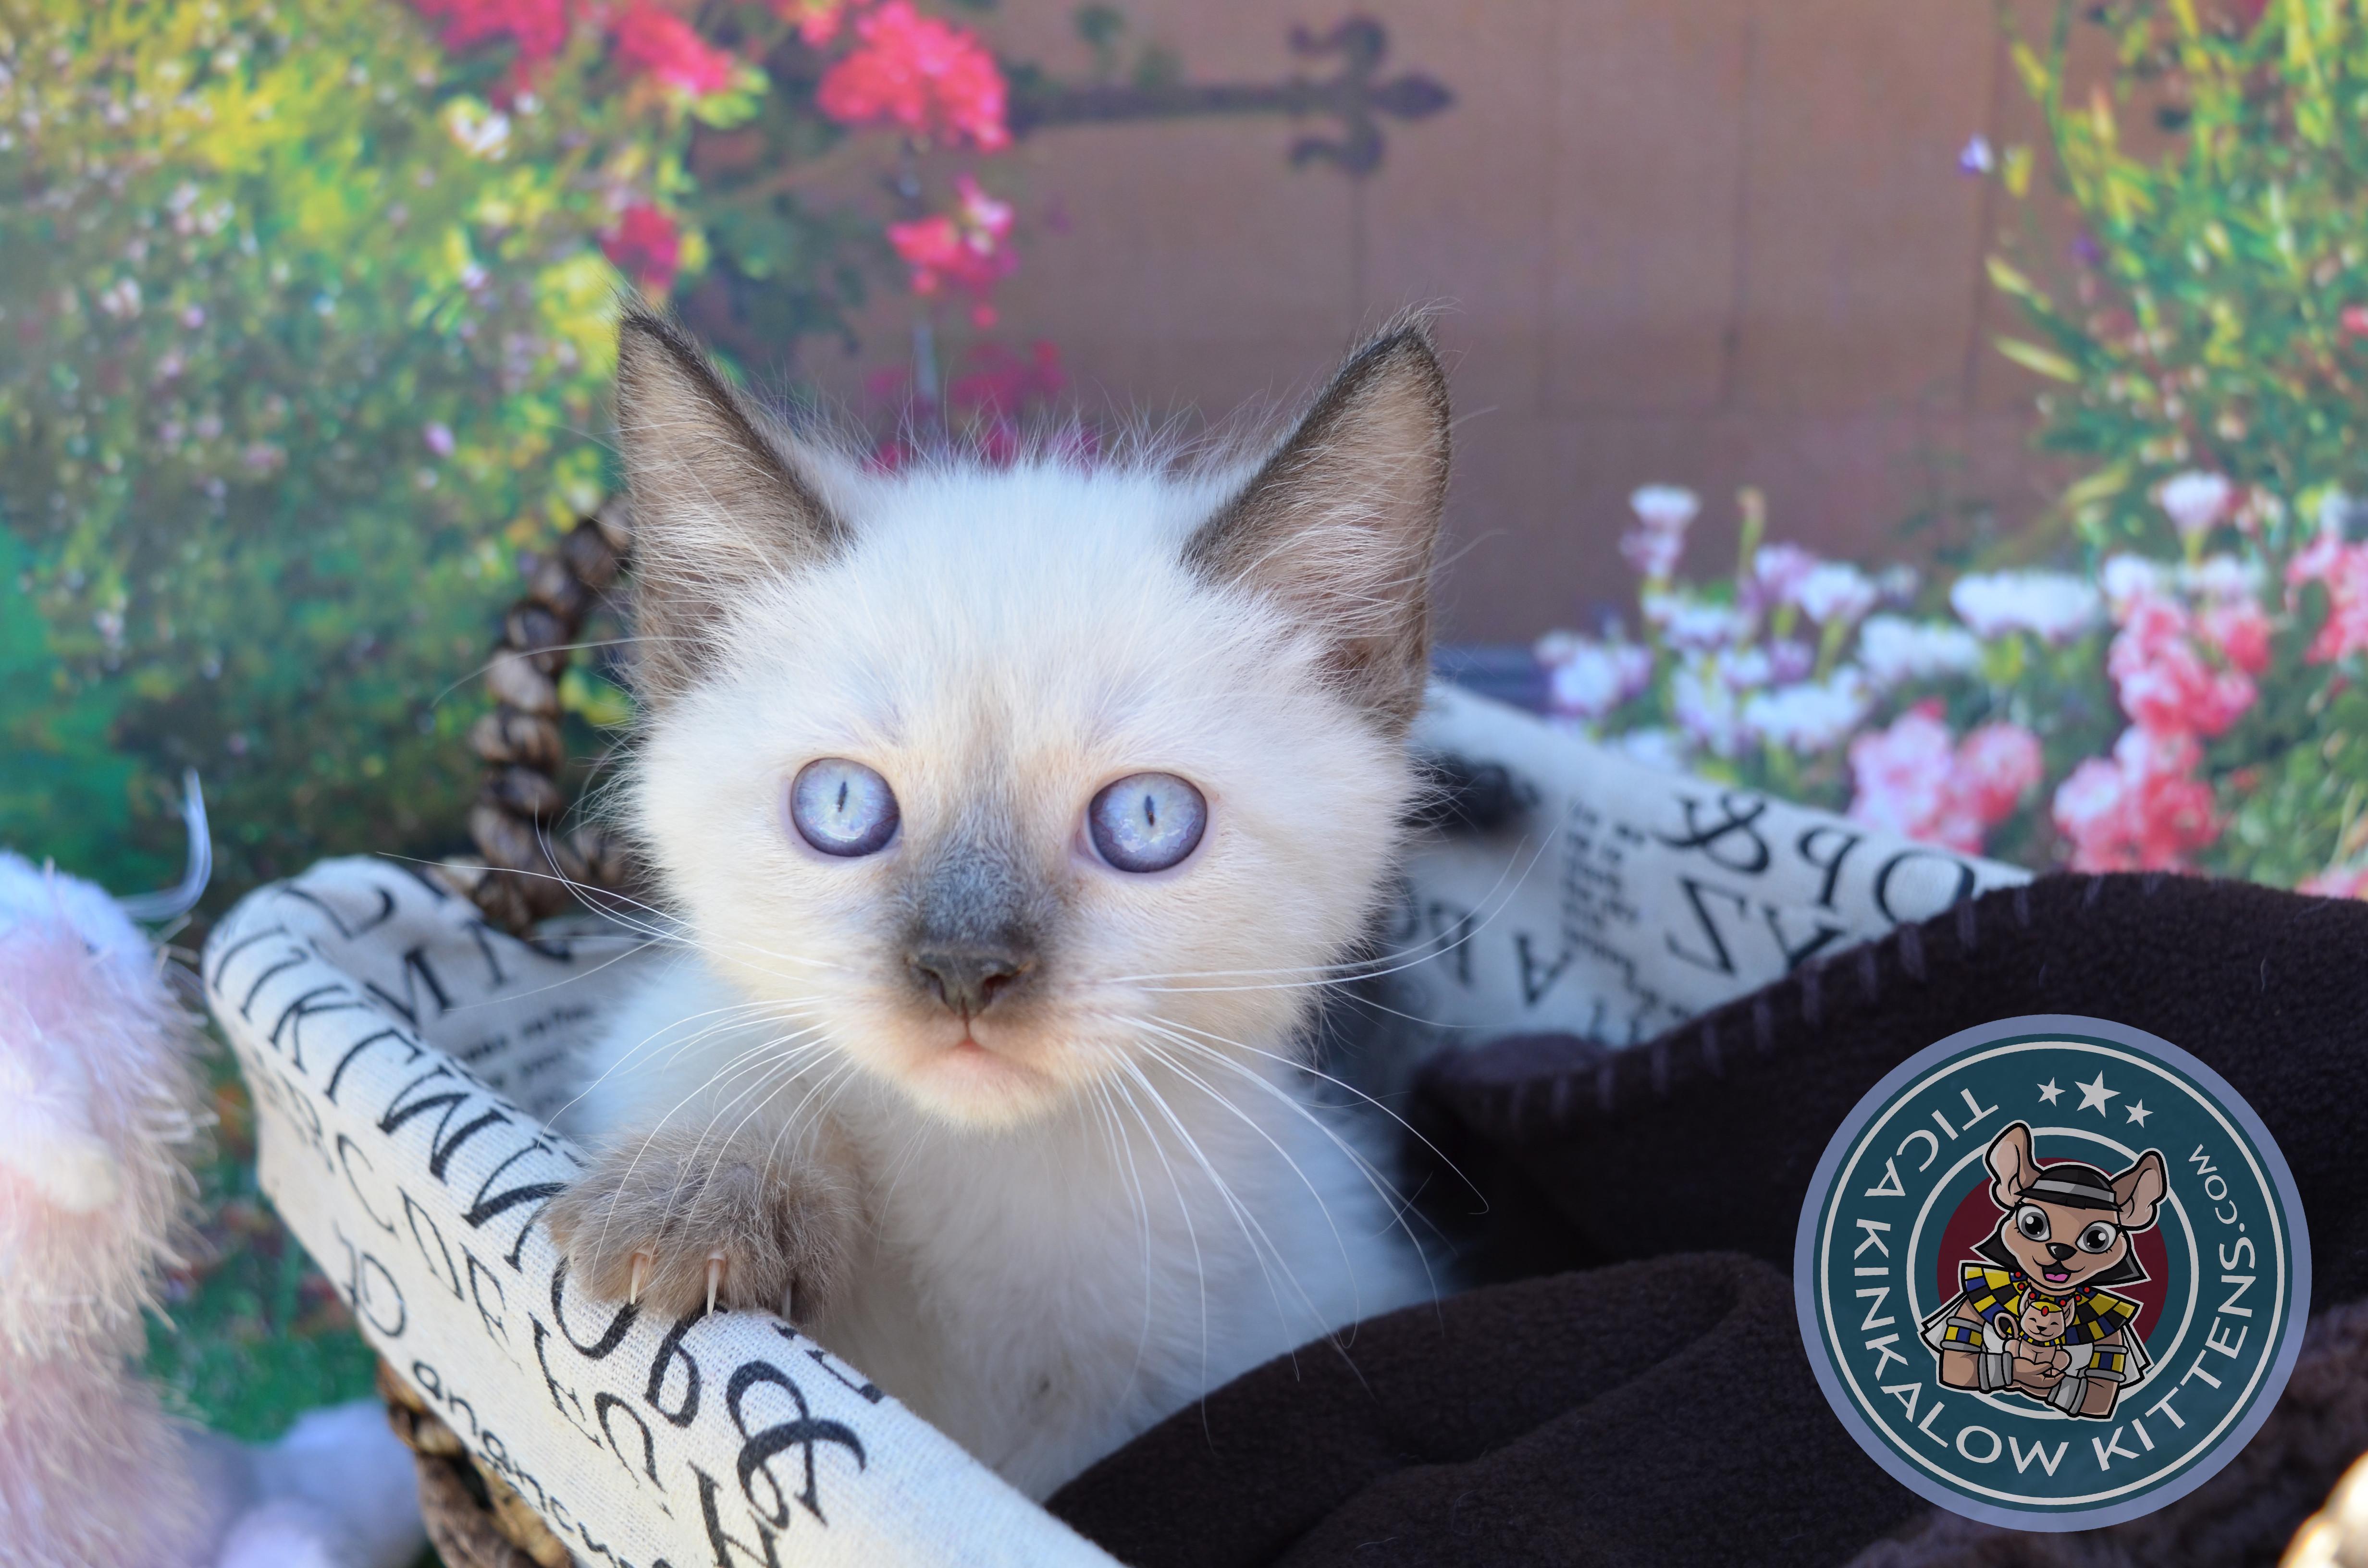 Request a Video of Kitten